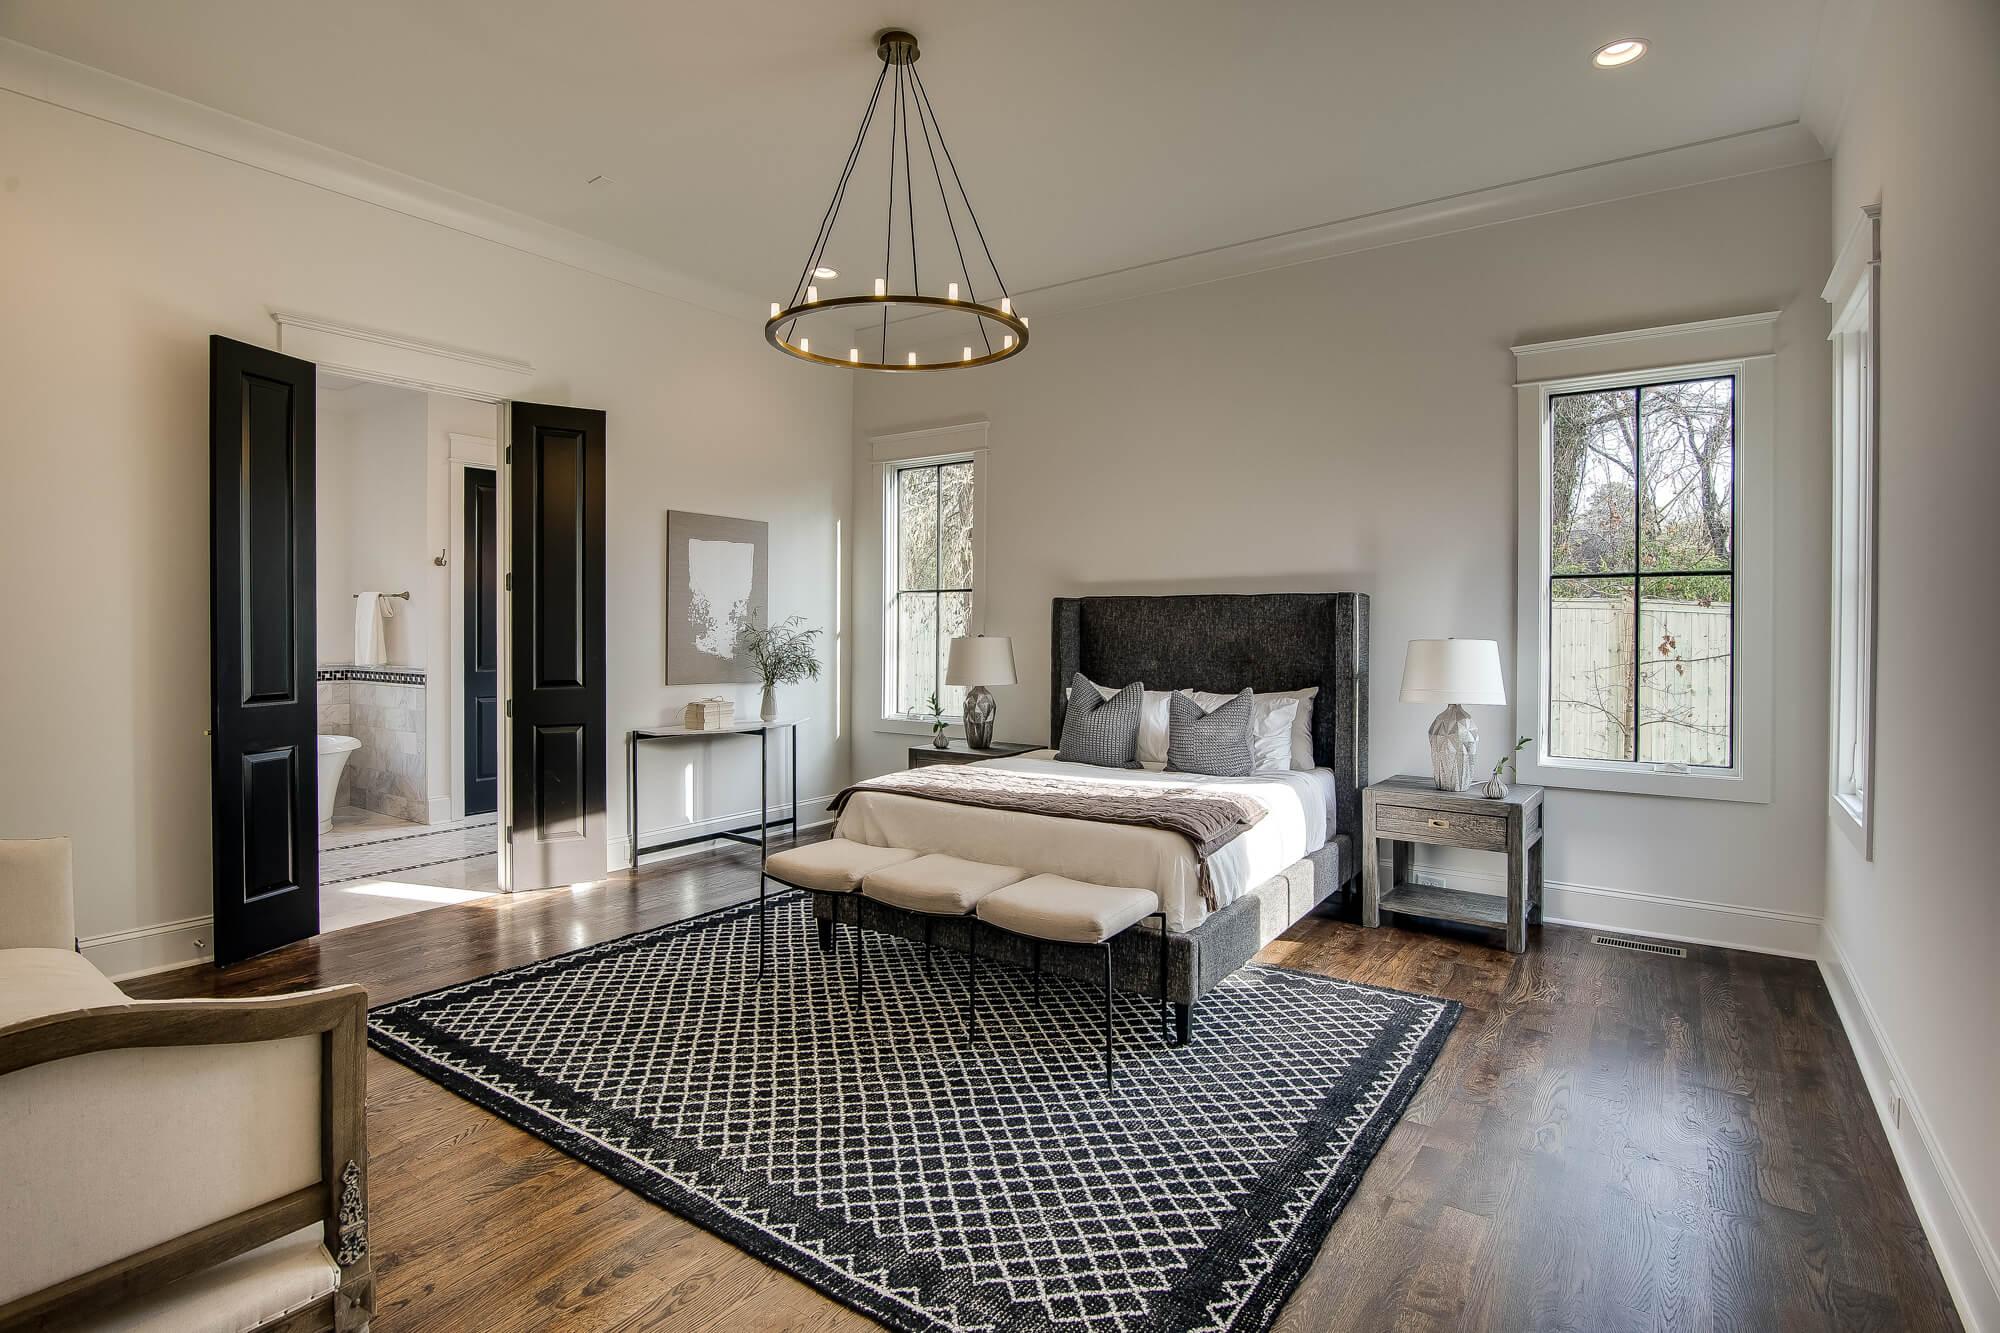 chandelier-development-nashville-tennessee-home-builder--30.jpg